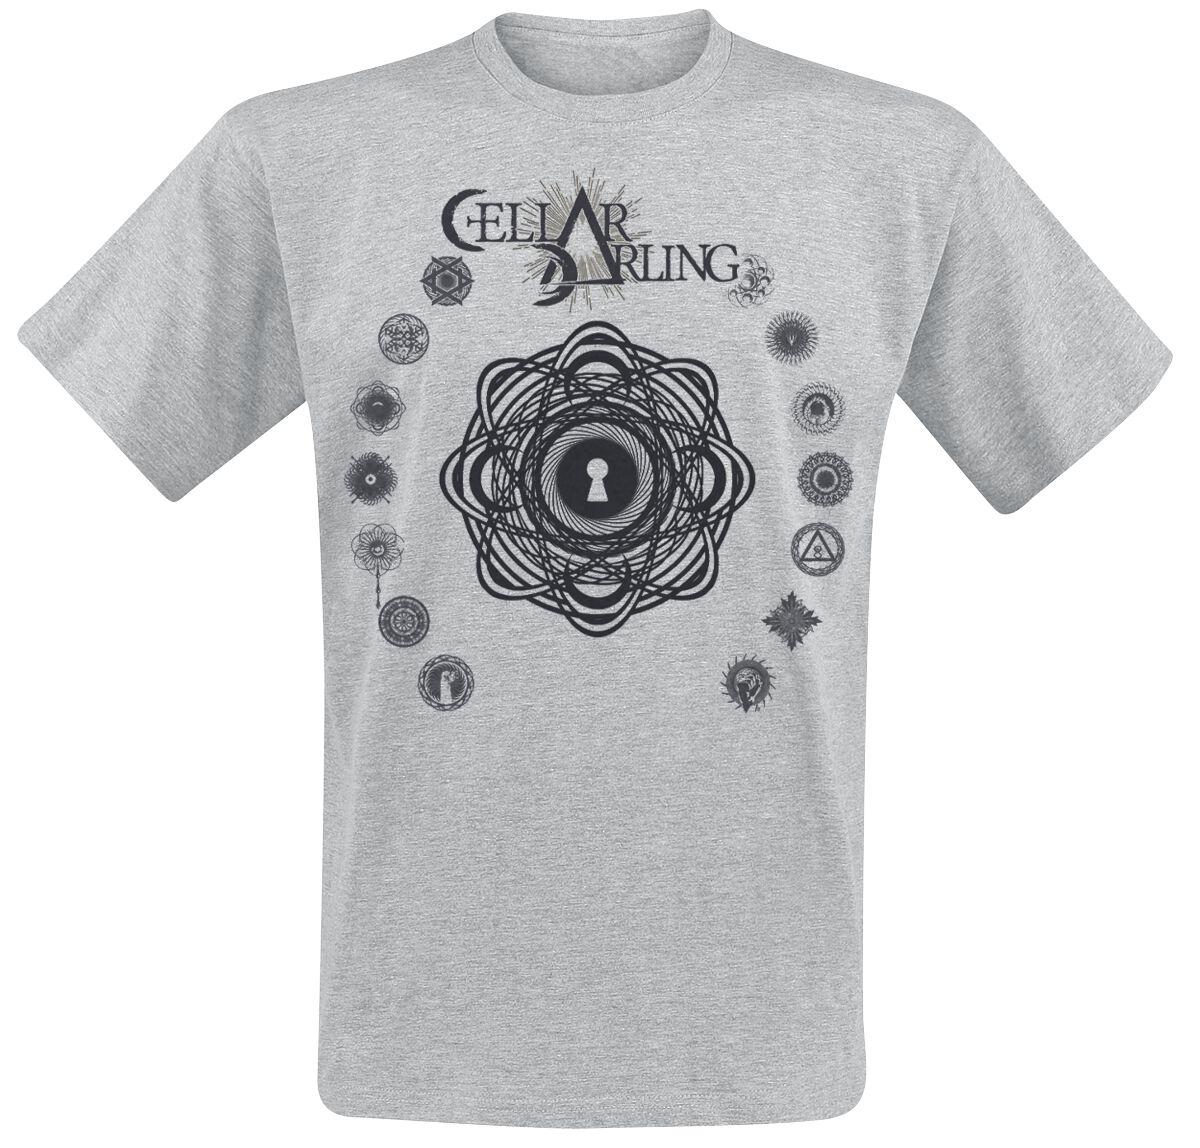 Zespoły - Koszulki - T-Shirt Cellar Darling This Is The Sound T-Shirt odcienie szarego - 359605